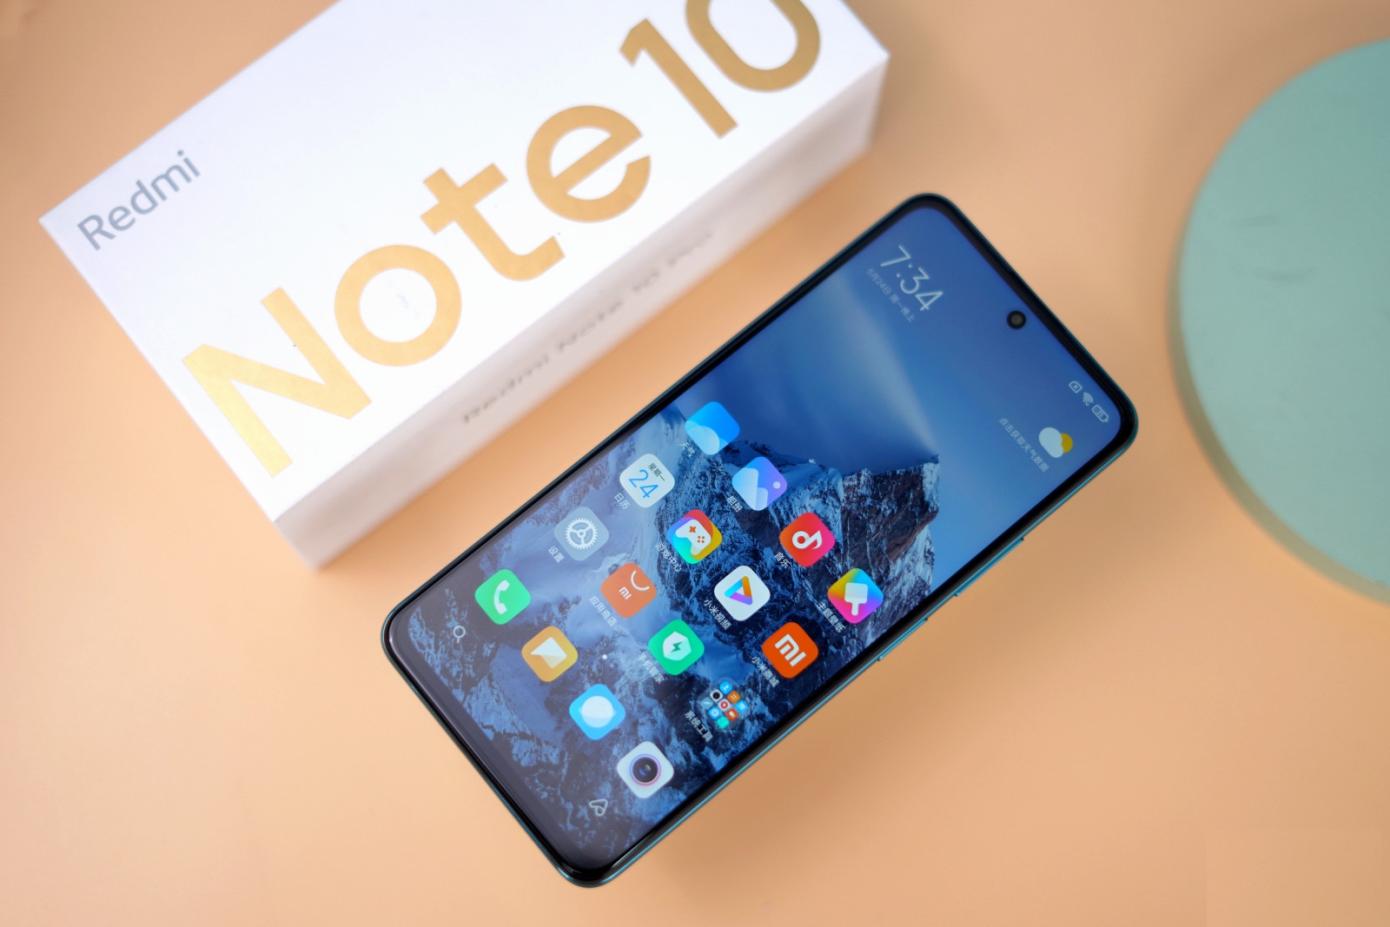 Xiaomi Predstavlyaet Novye Produkty Redmi Vklyuchaya Sovershenno Drugoj Redmi Note 10 Pro 1